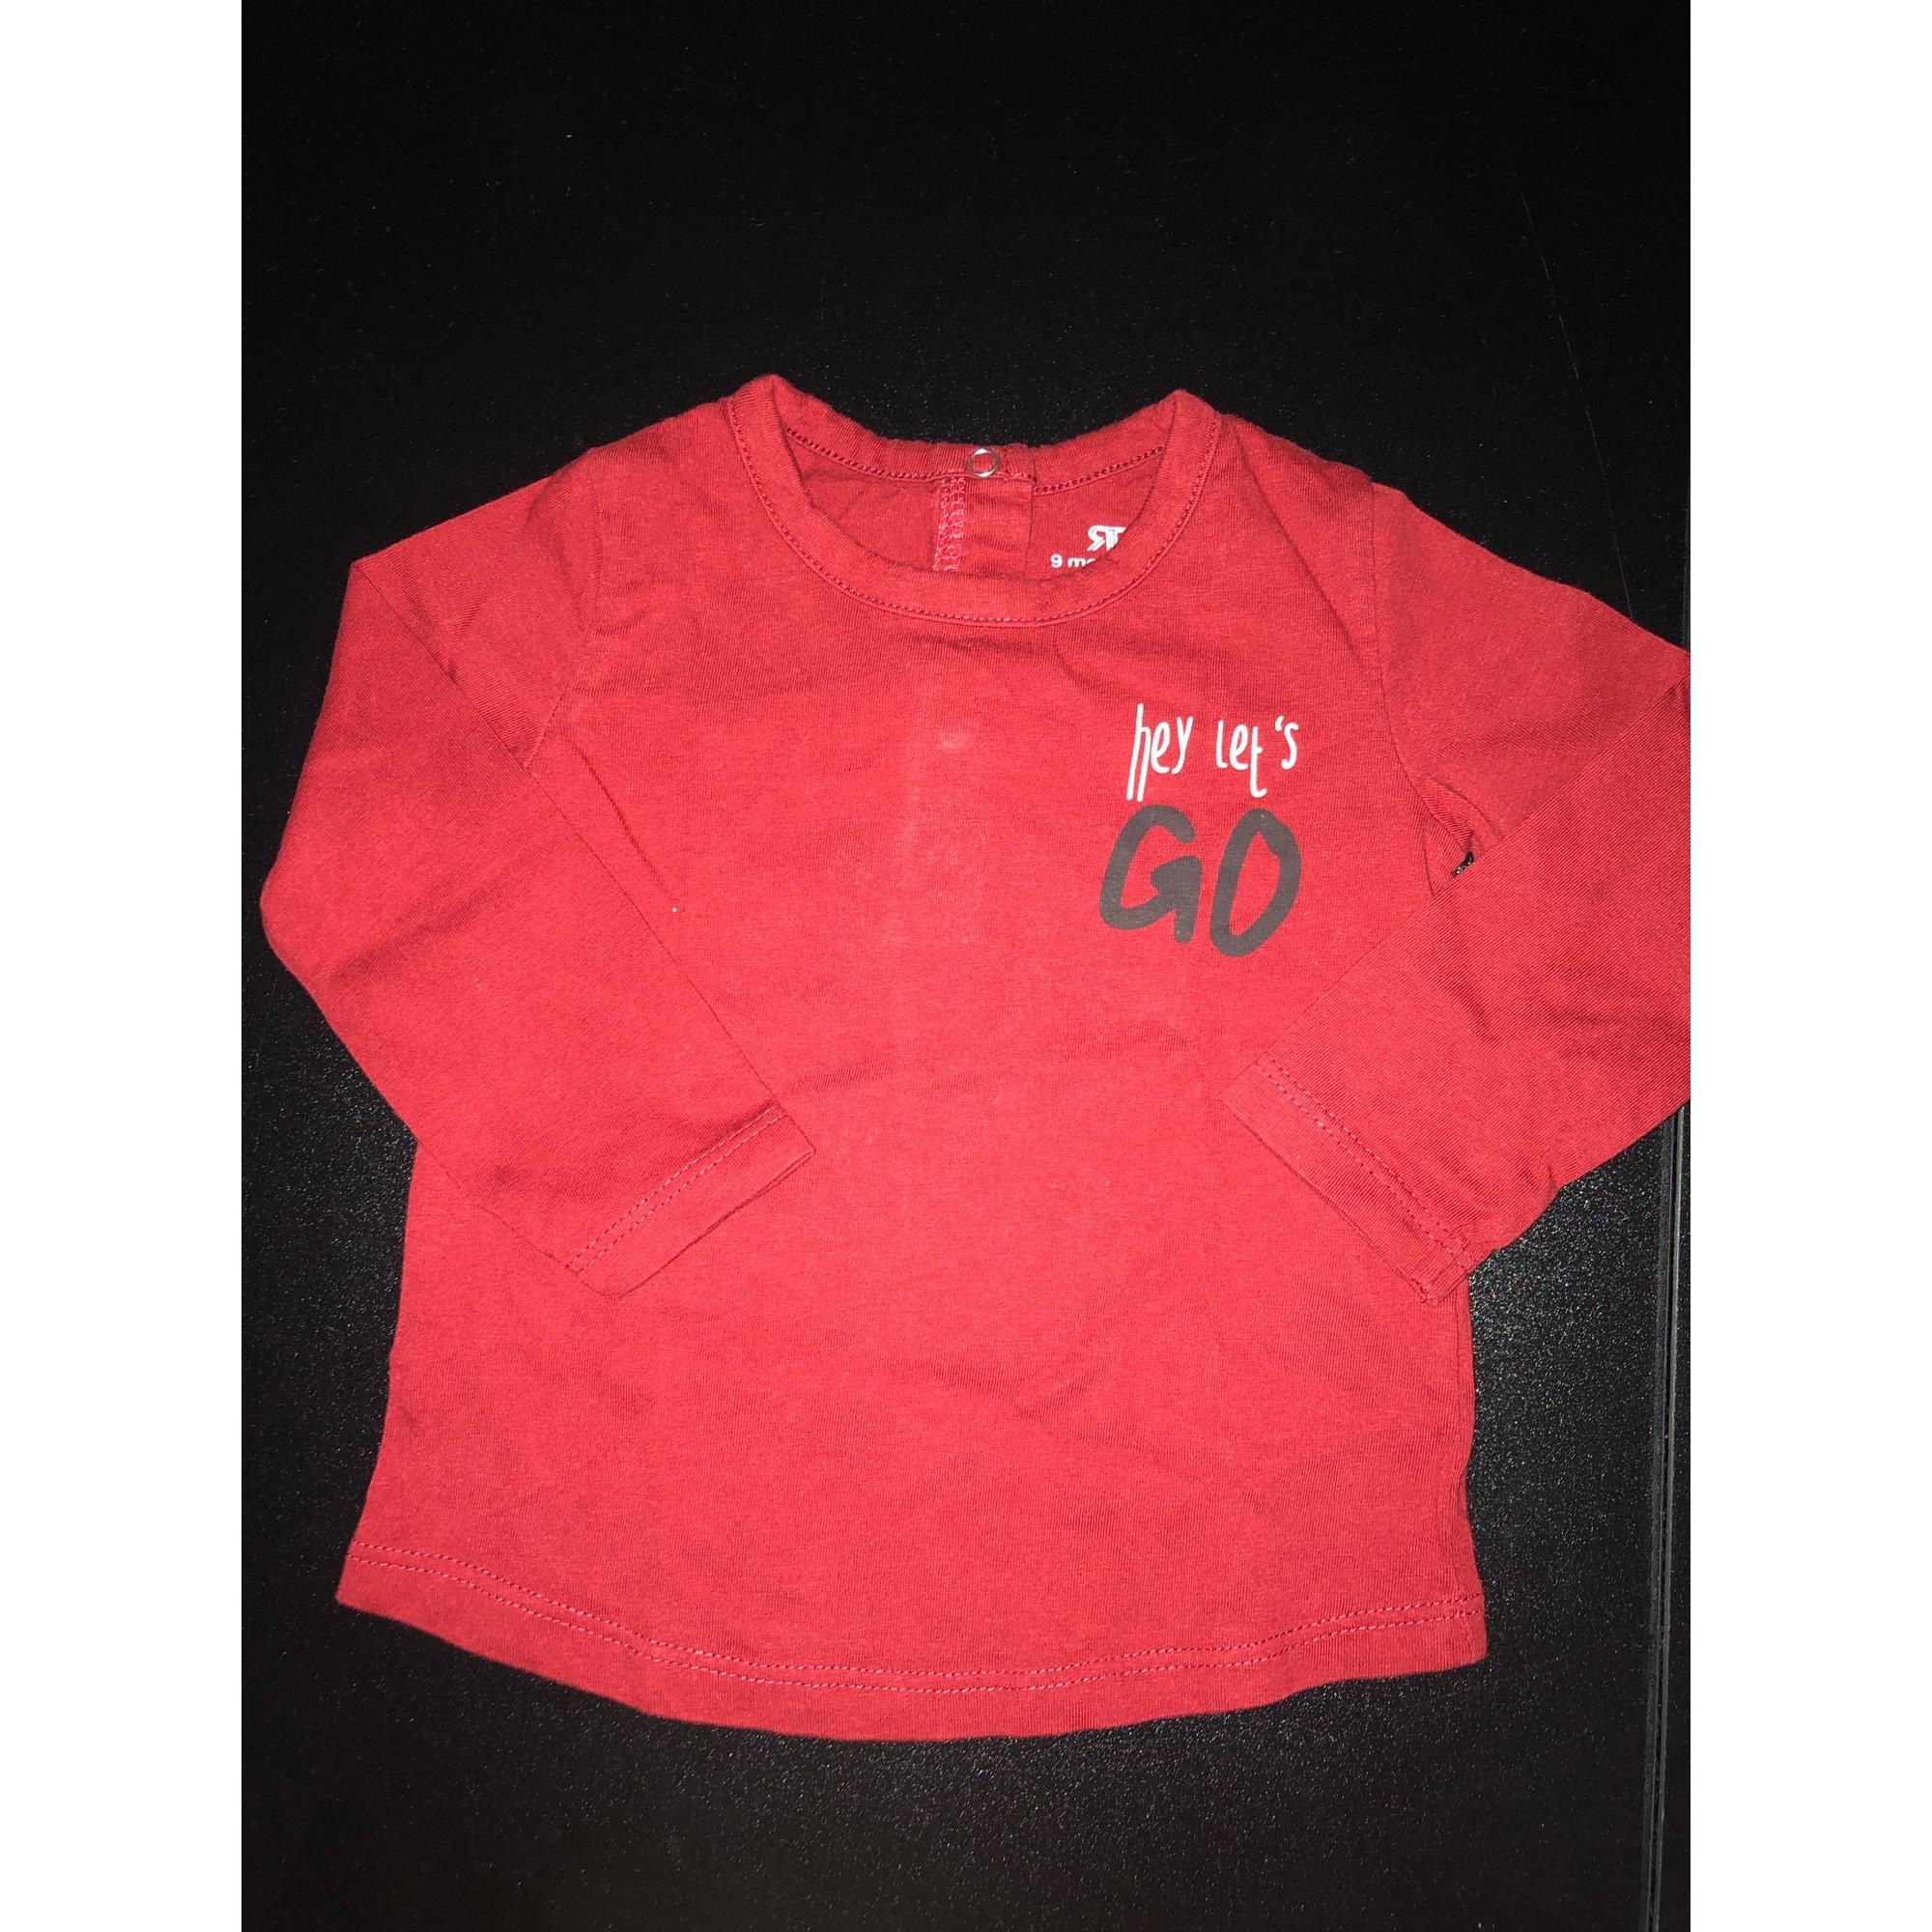 Top, tee shirt LA REDOUTE Rouge, bordeaux